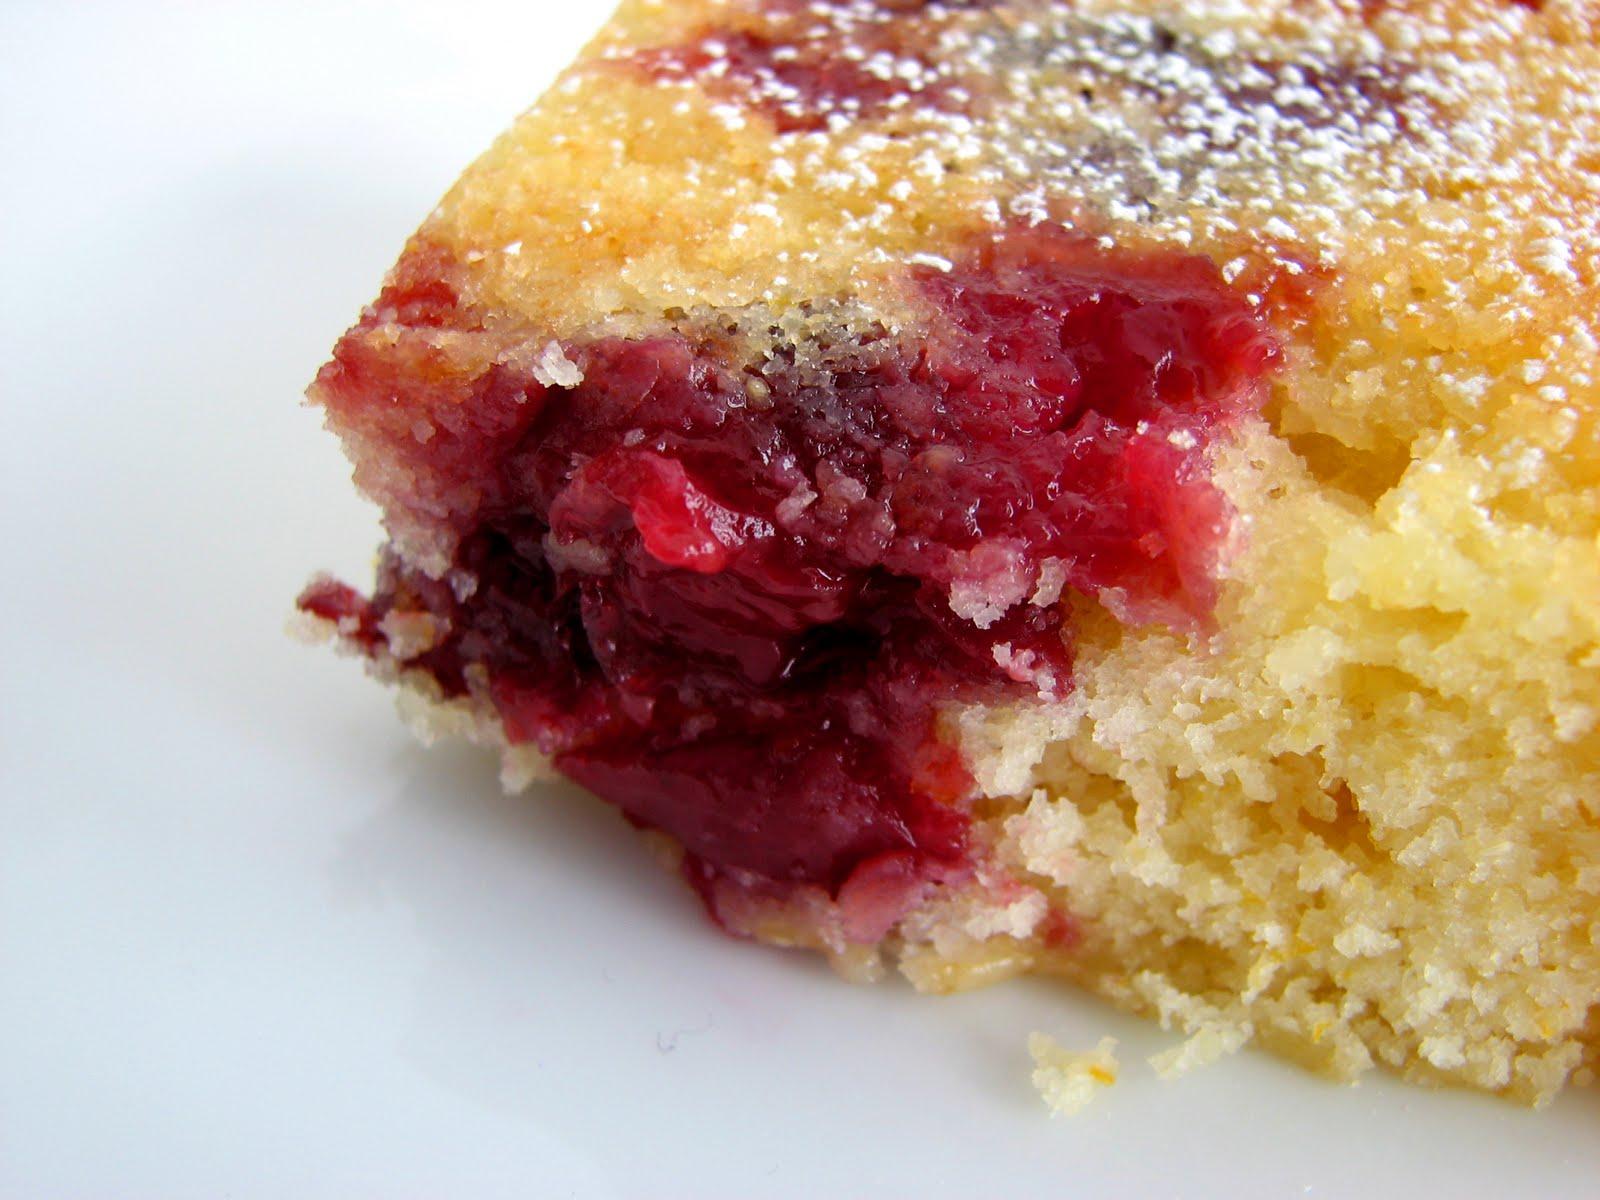 pastry studio: Cornmeal Cake with Balsamic Cherries